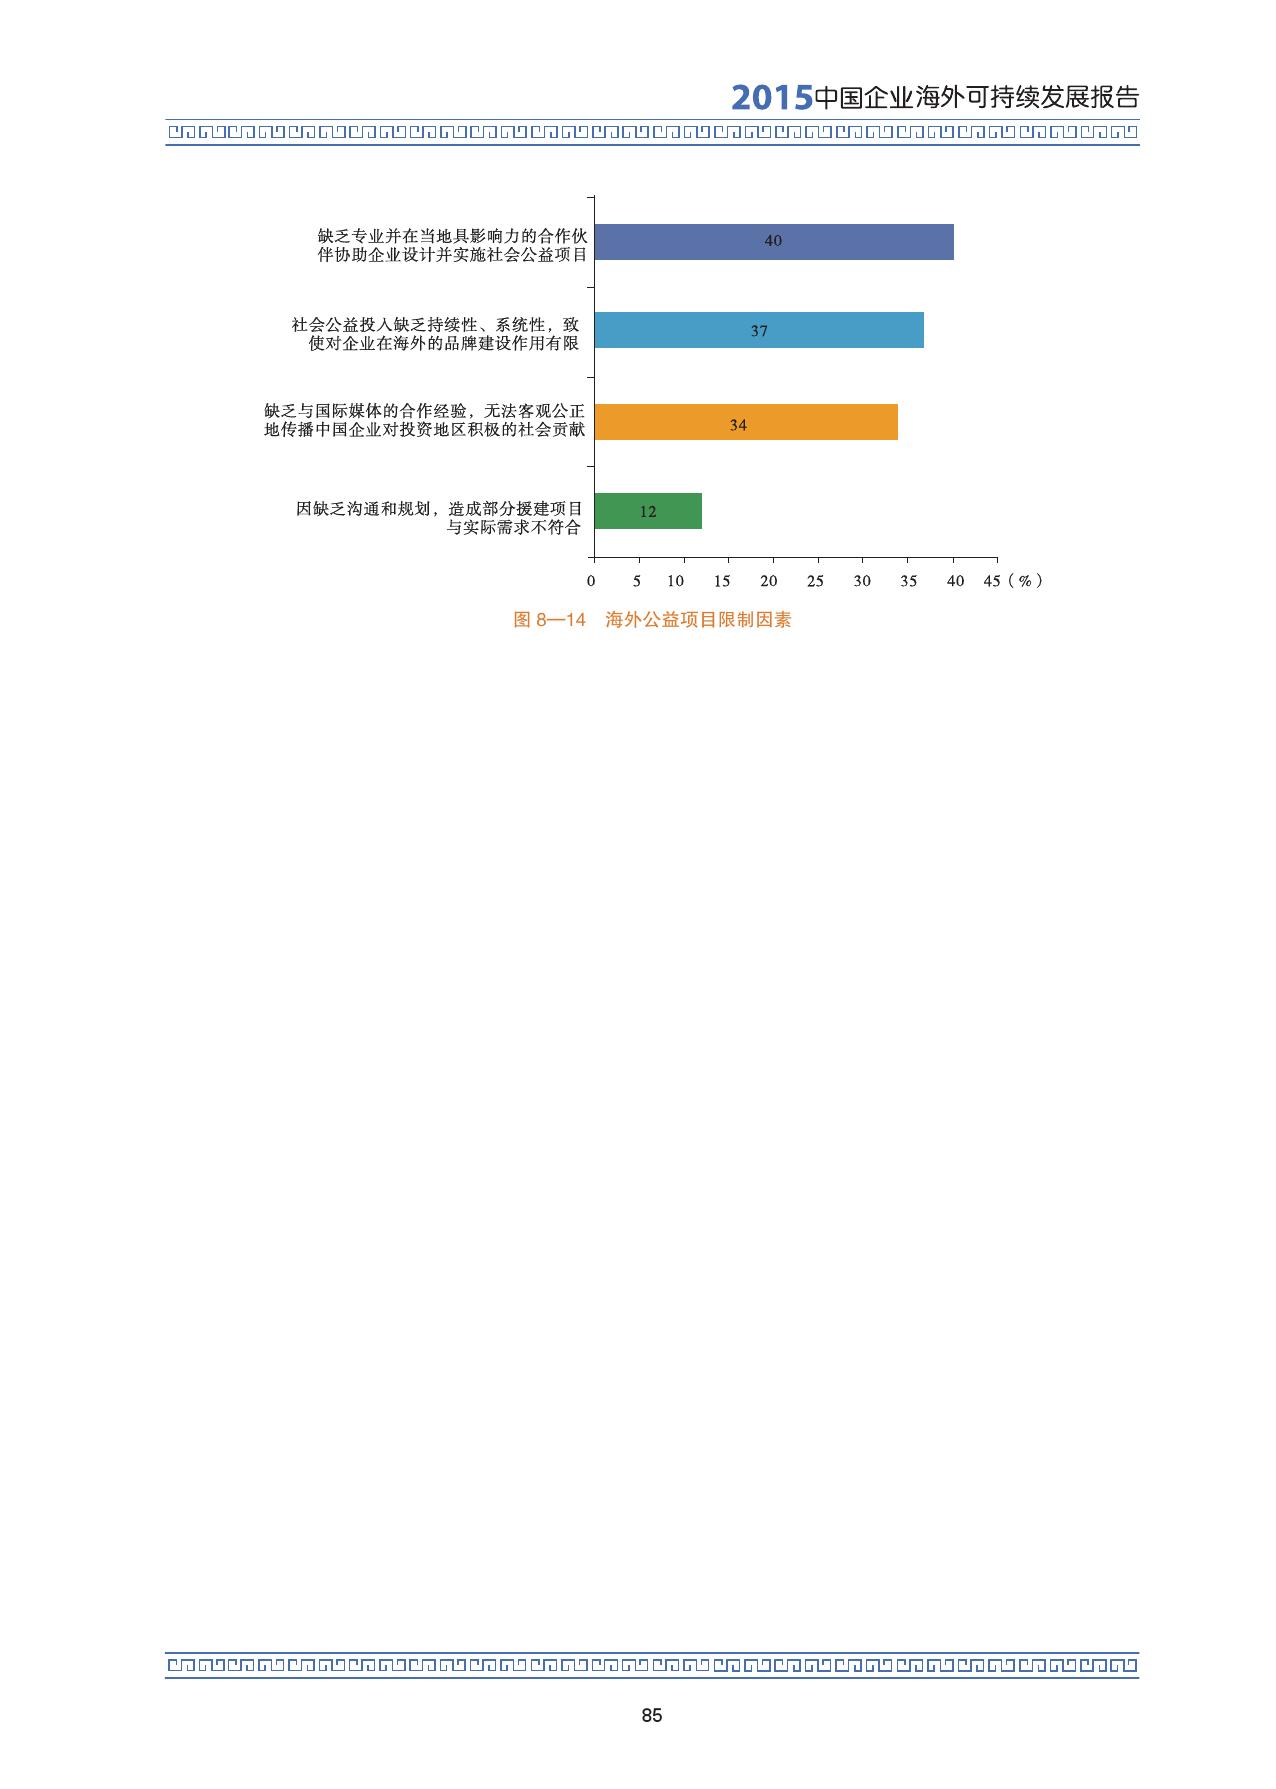 2015中国企业海外可持续发展报告_000099